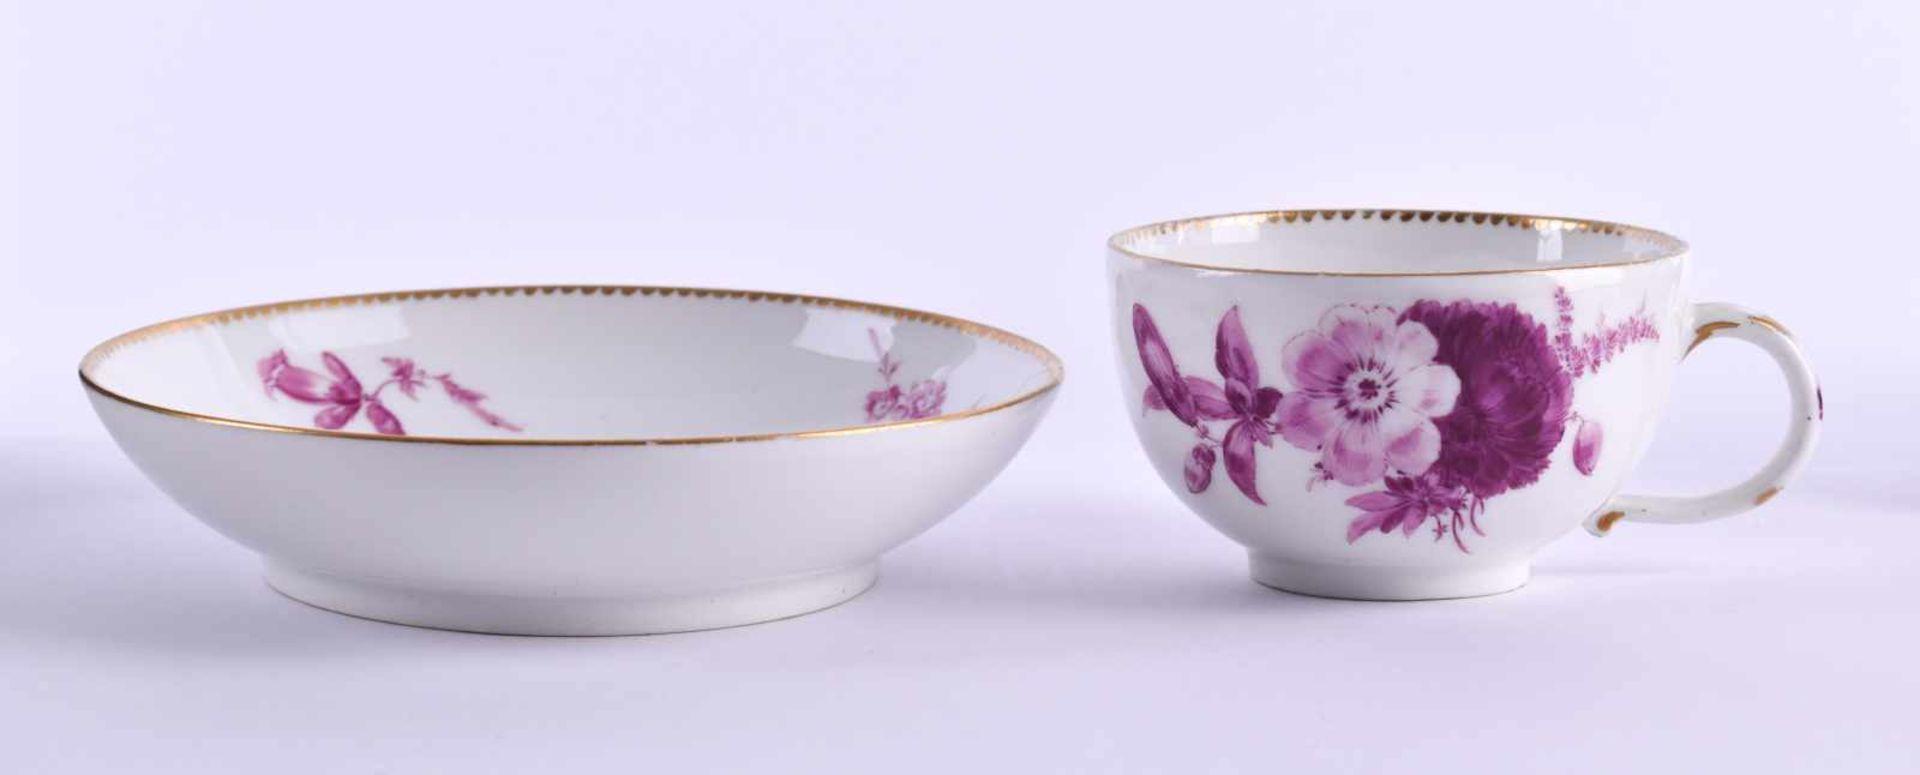 Cup & saucer Meissen 1740-80 - Bild 3 aus 7